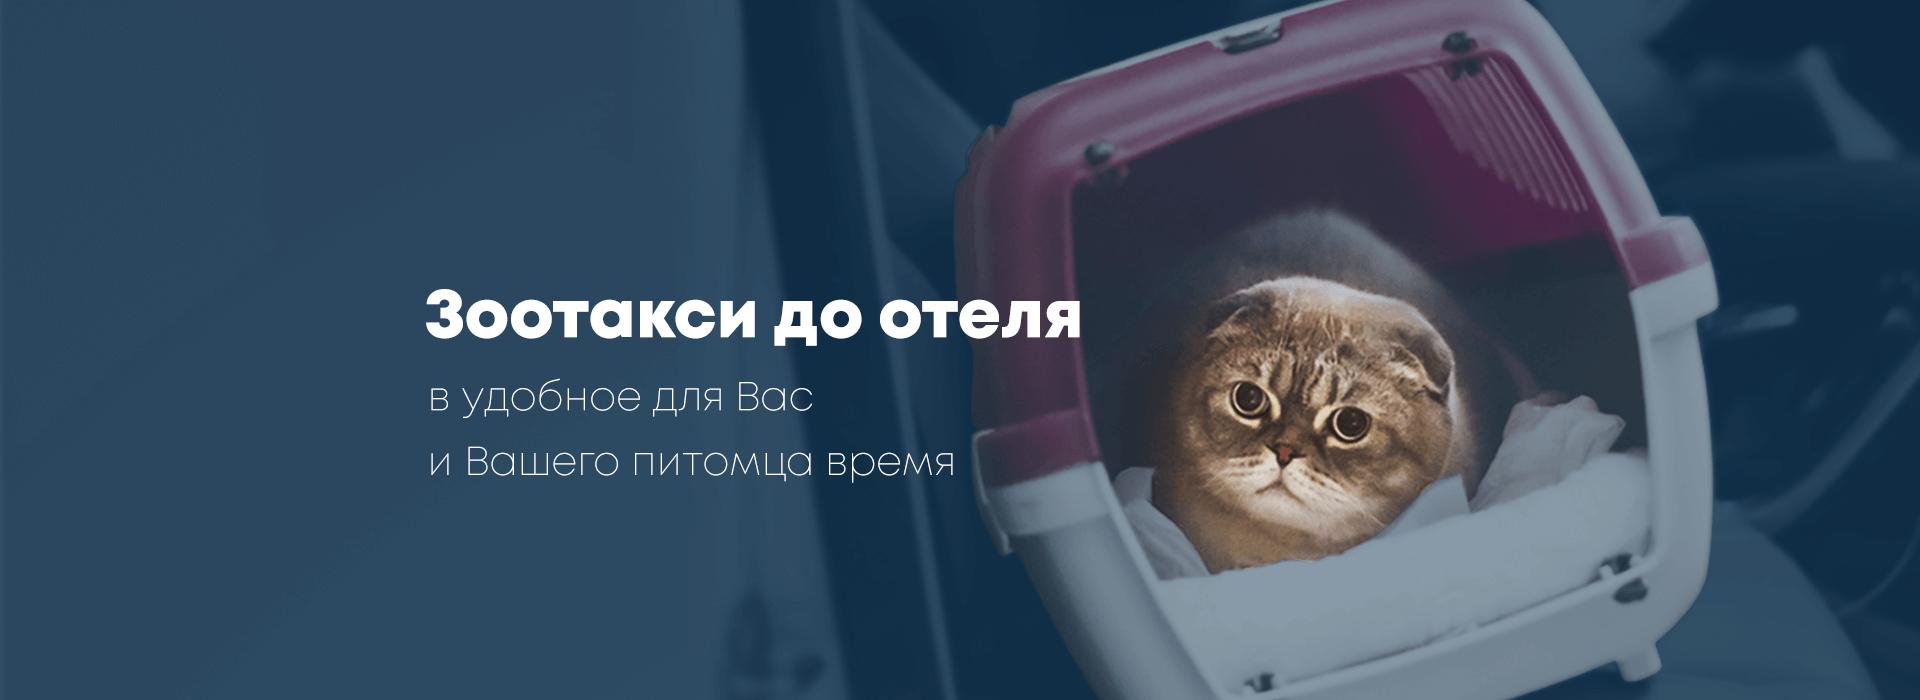 Зоотакси до отеля для животных BookingCat